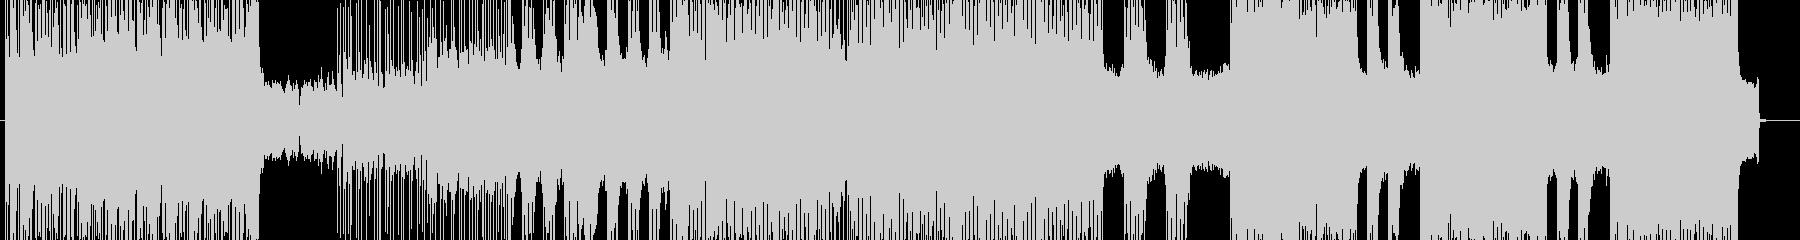 「ハード/ヘヴィ/ロック」BGM71の未再生の波形